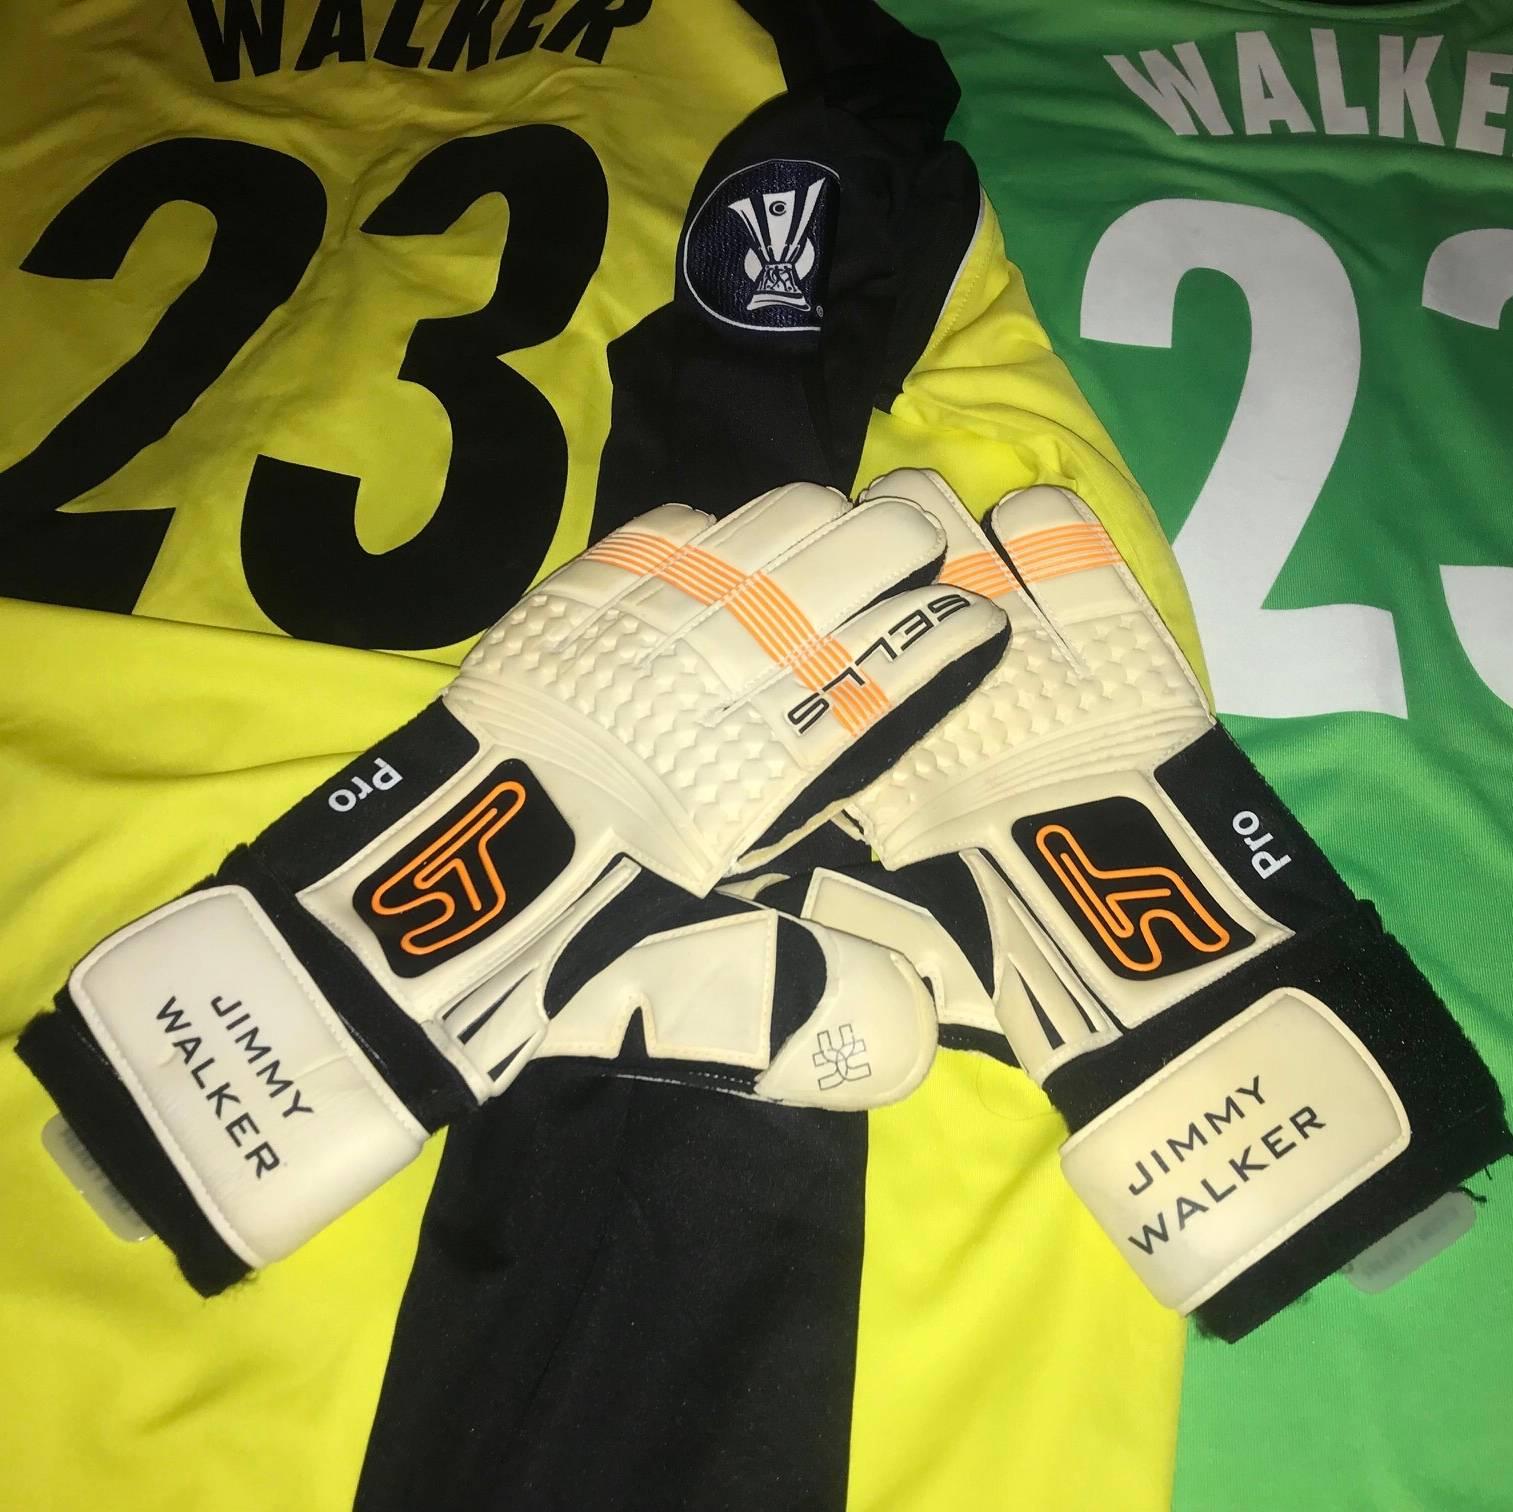 Jimmy Walker match worn goalkeeper gloves